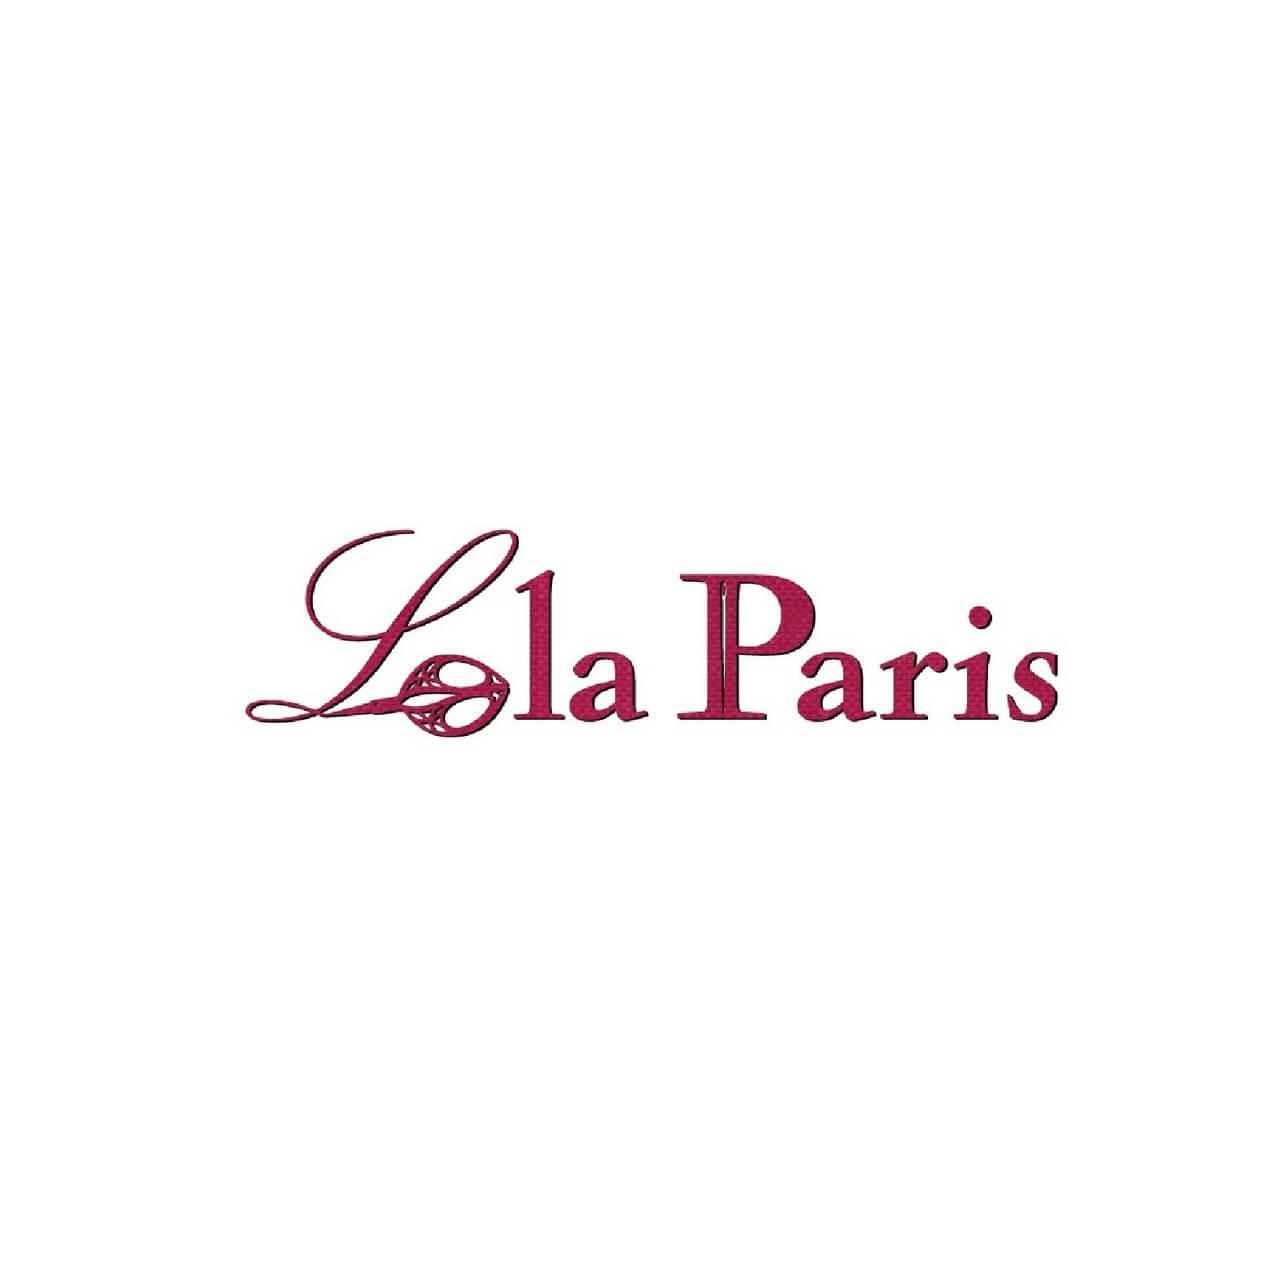 Ofertas de empleo en decoración mural Lola Paris